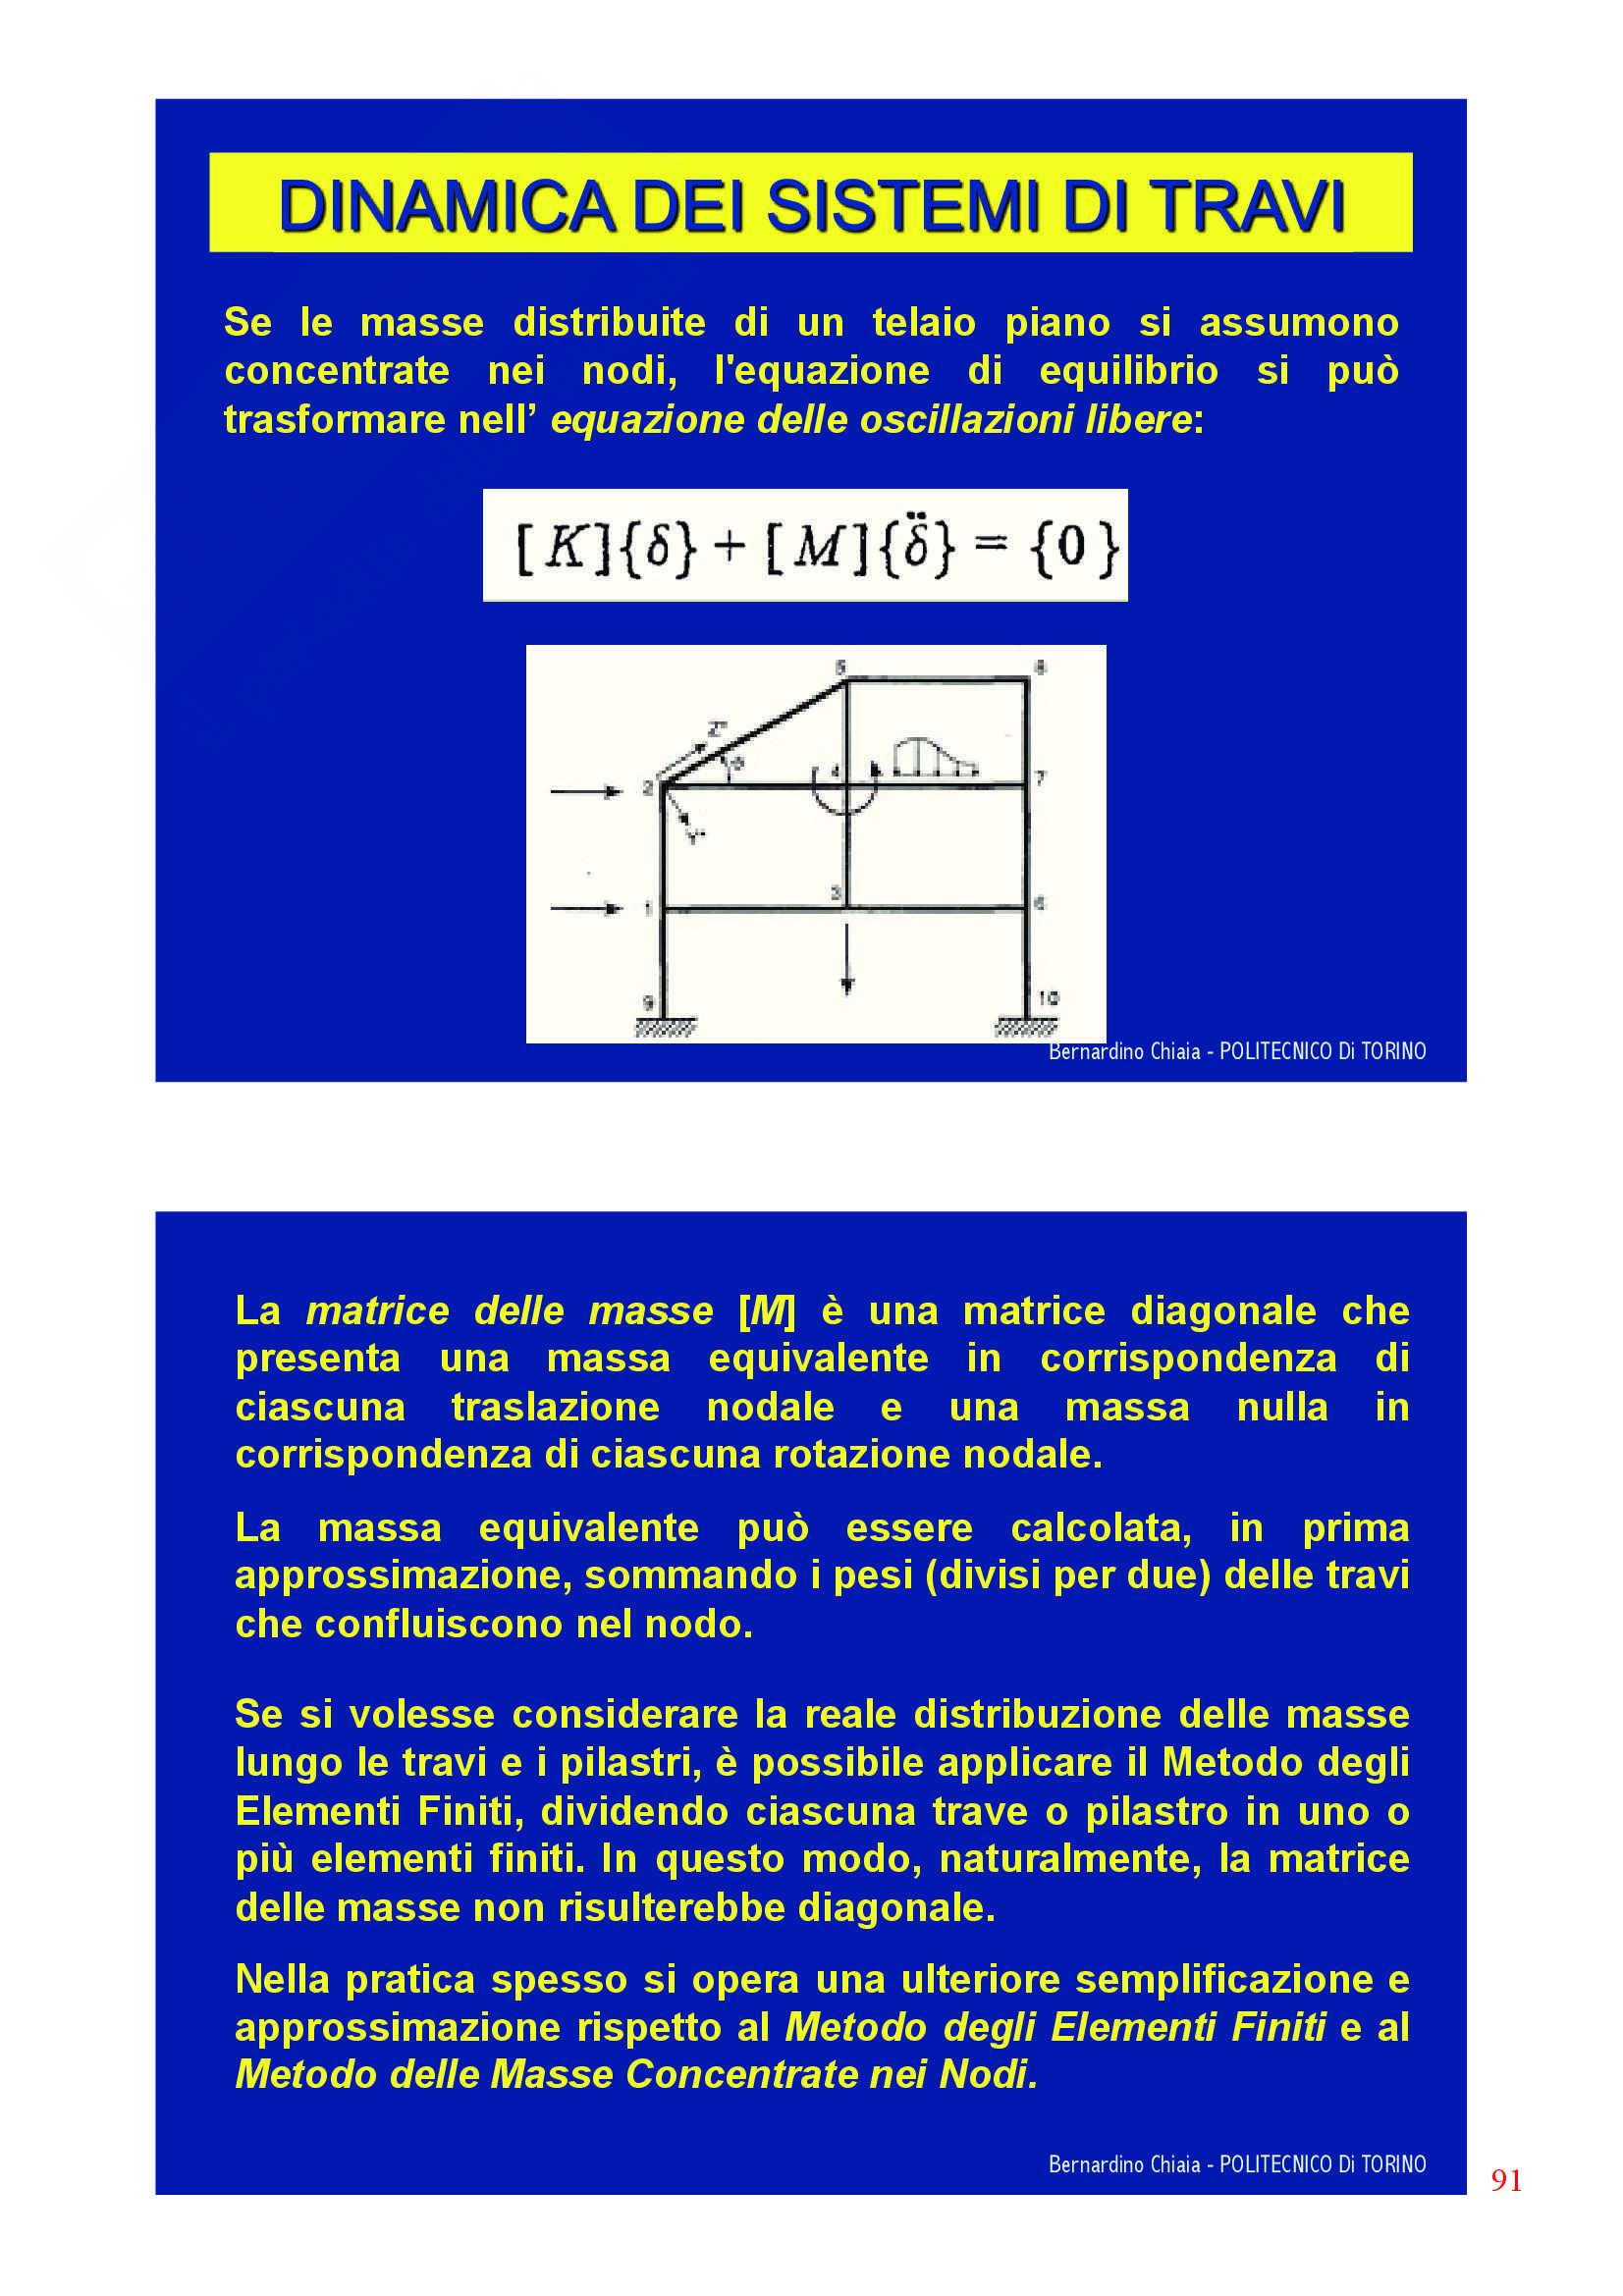 Dinamica delle strutture - Appunti Pag. 91